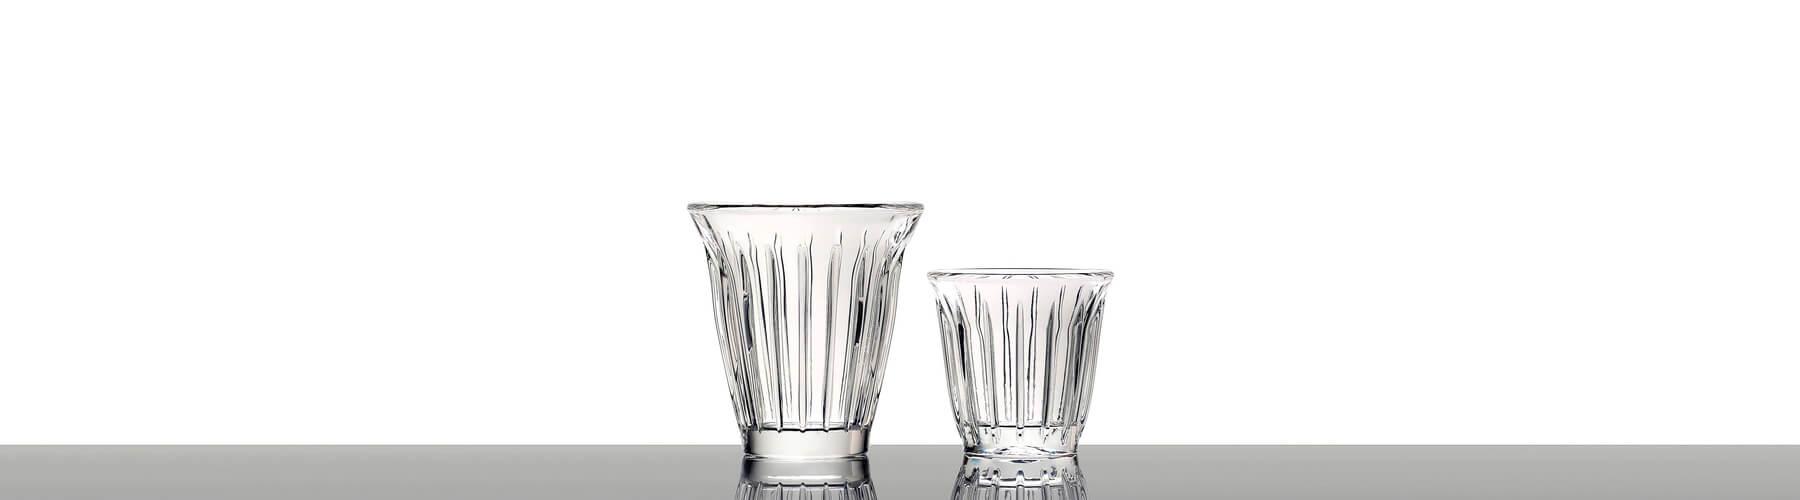 Zinc Trinkglaser Von La Rochere Glasklar Berlin